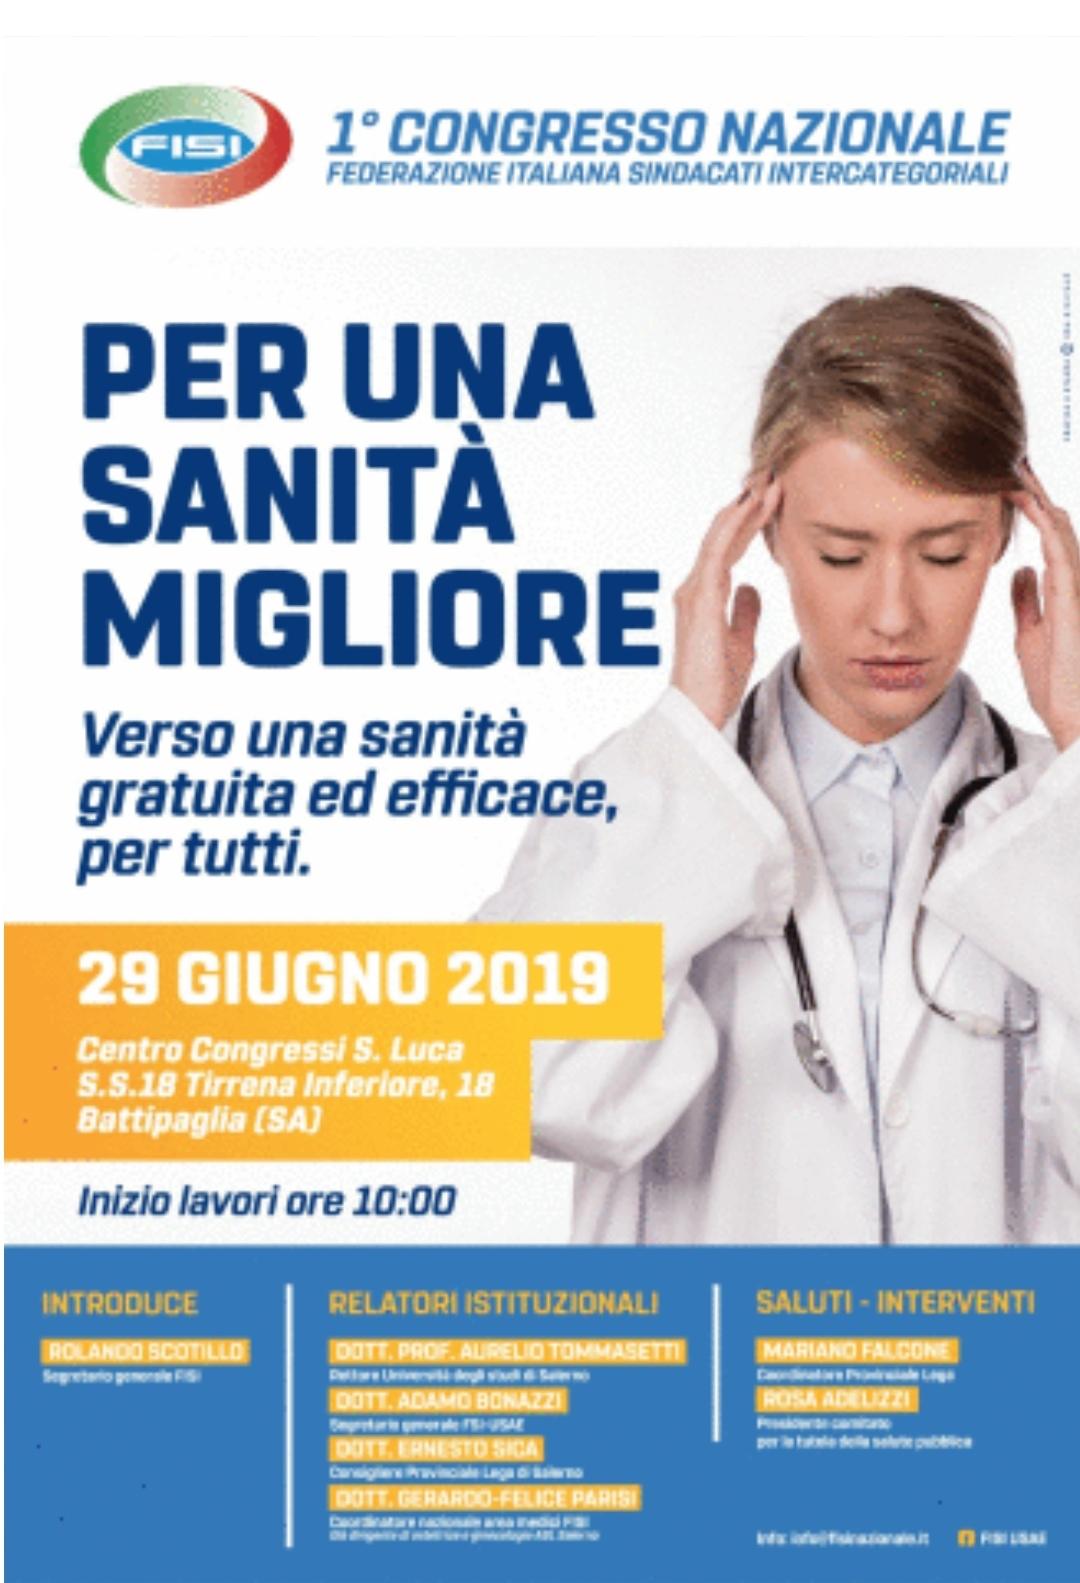 Battipaglia - 1 Congresso nazionale FISI Sanità